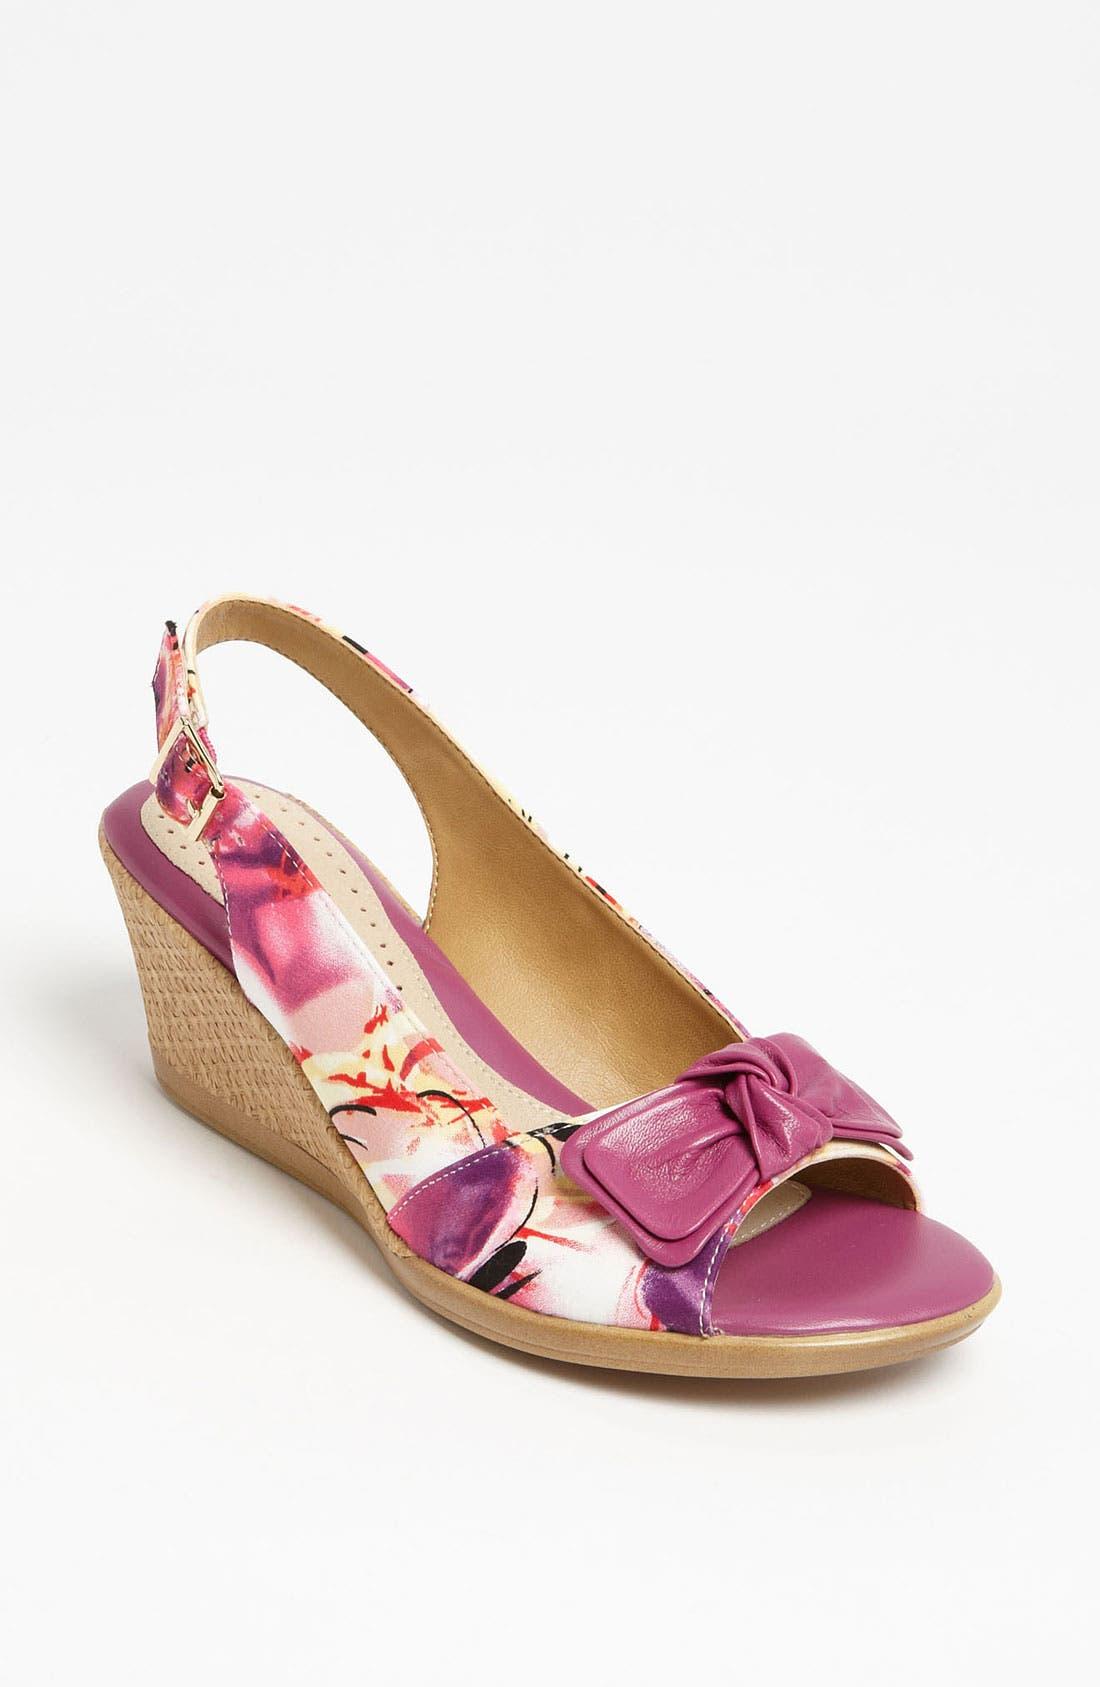 Alternate Image 1 Selected - Softspots 'Lebeau' Sandal